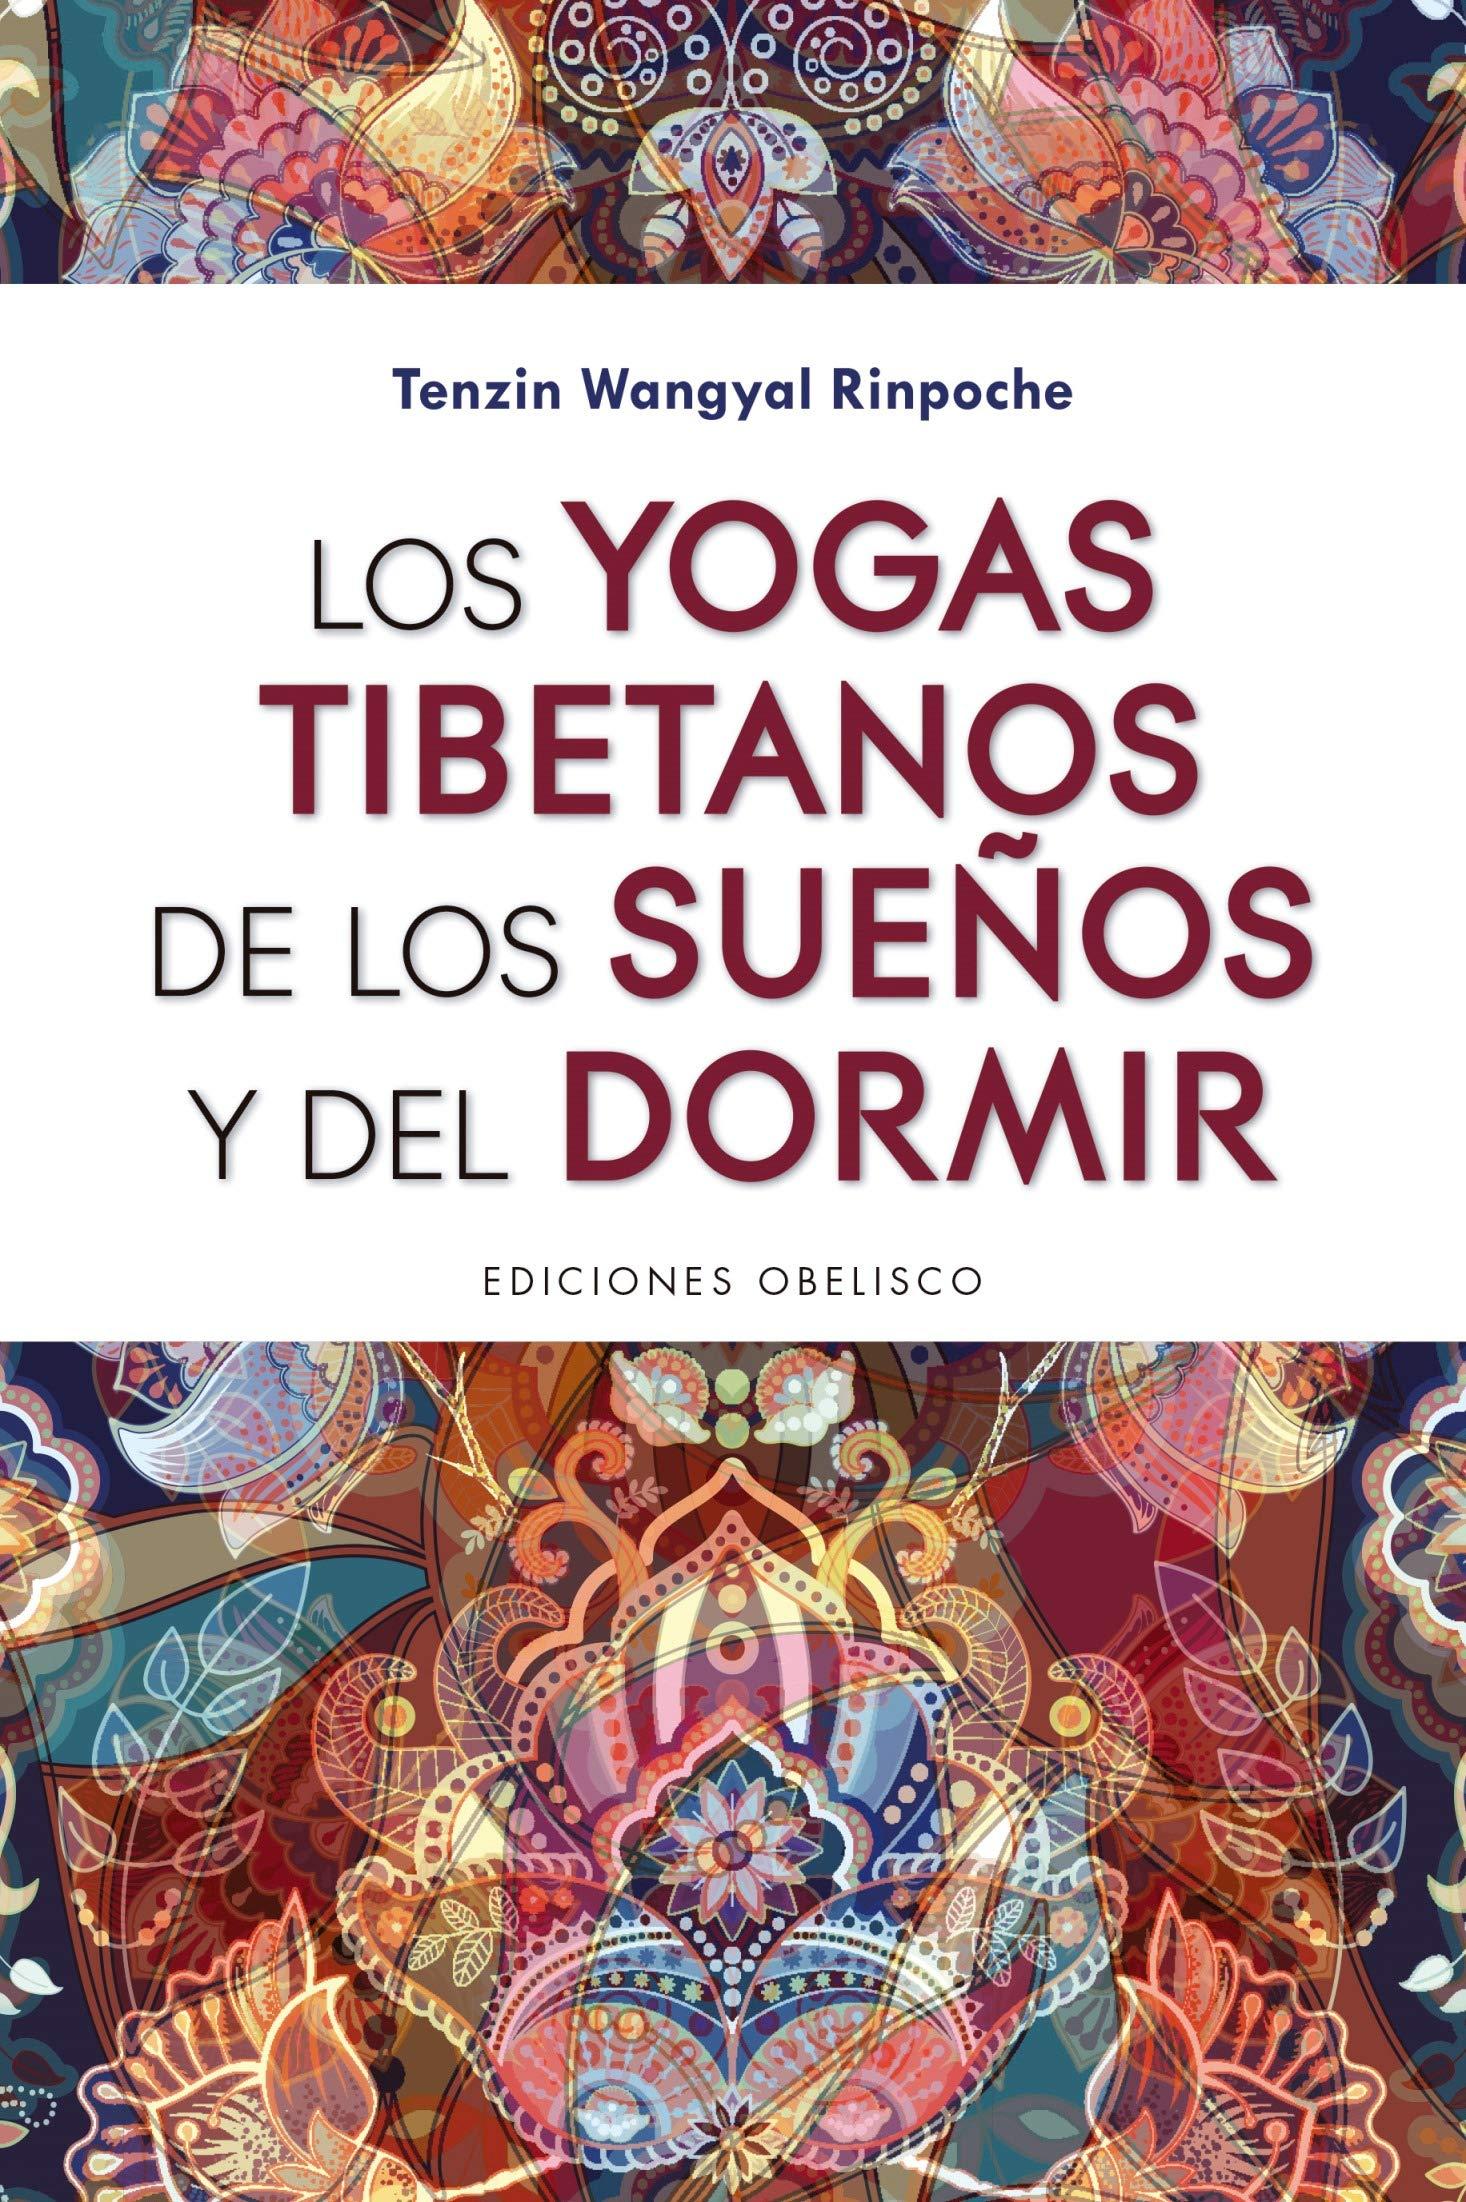 Los yogas tibetanos de los sueños y del dormir (Spanish ...